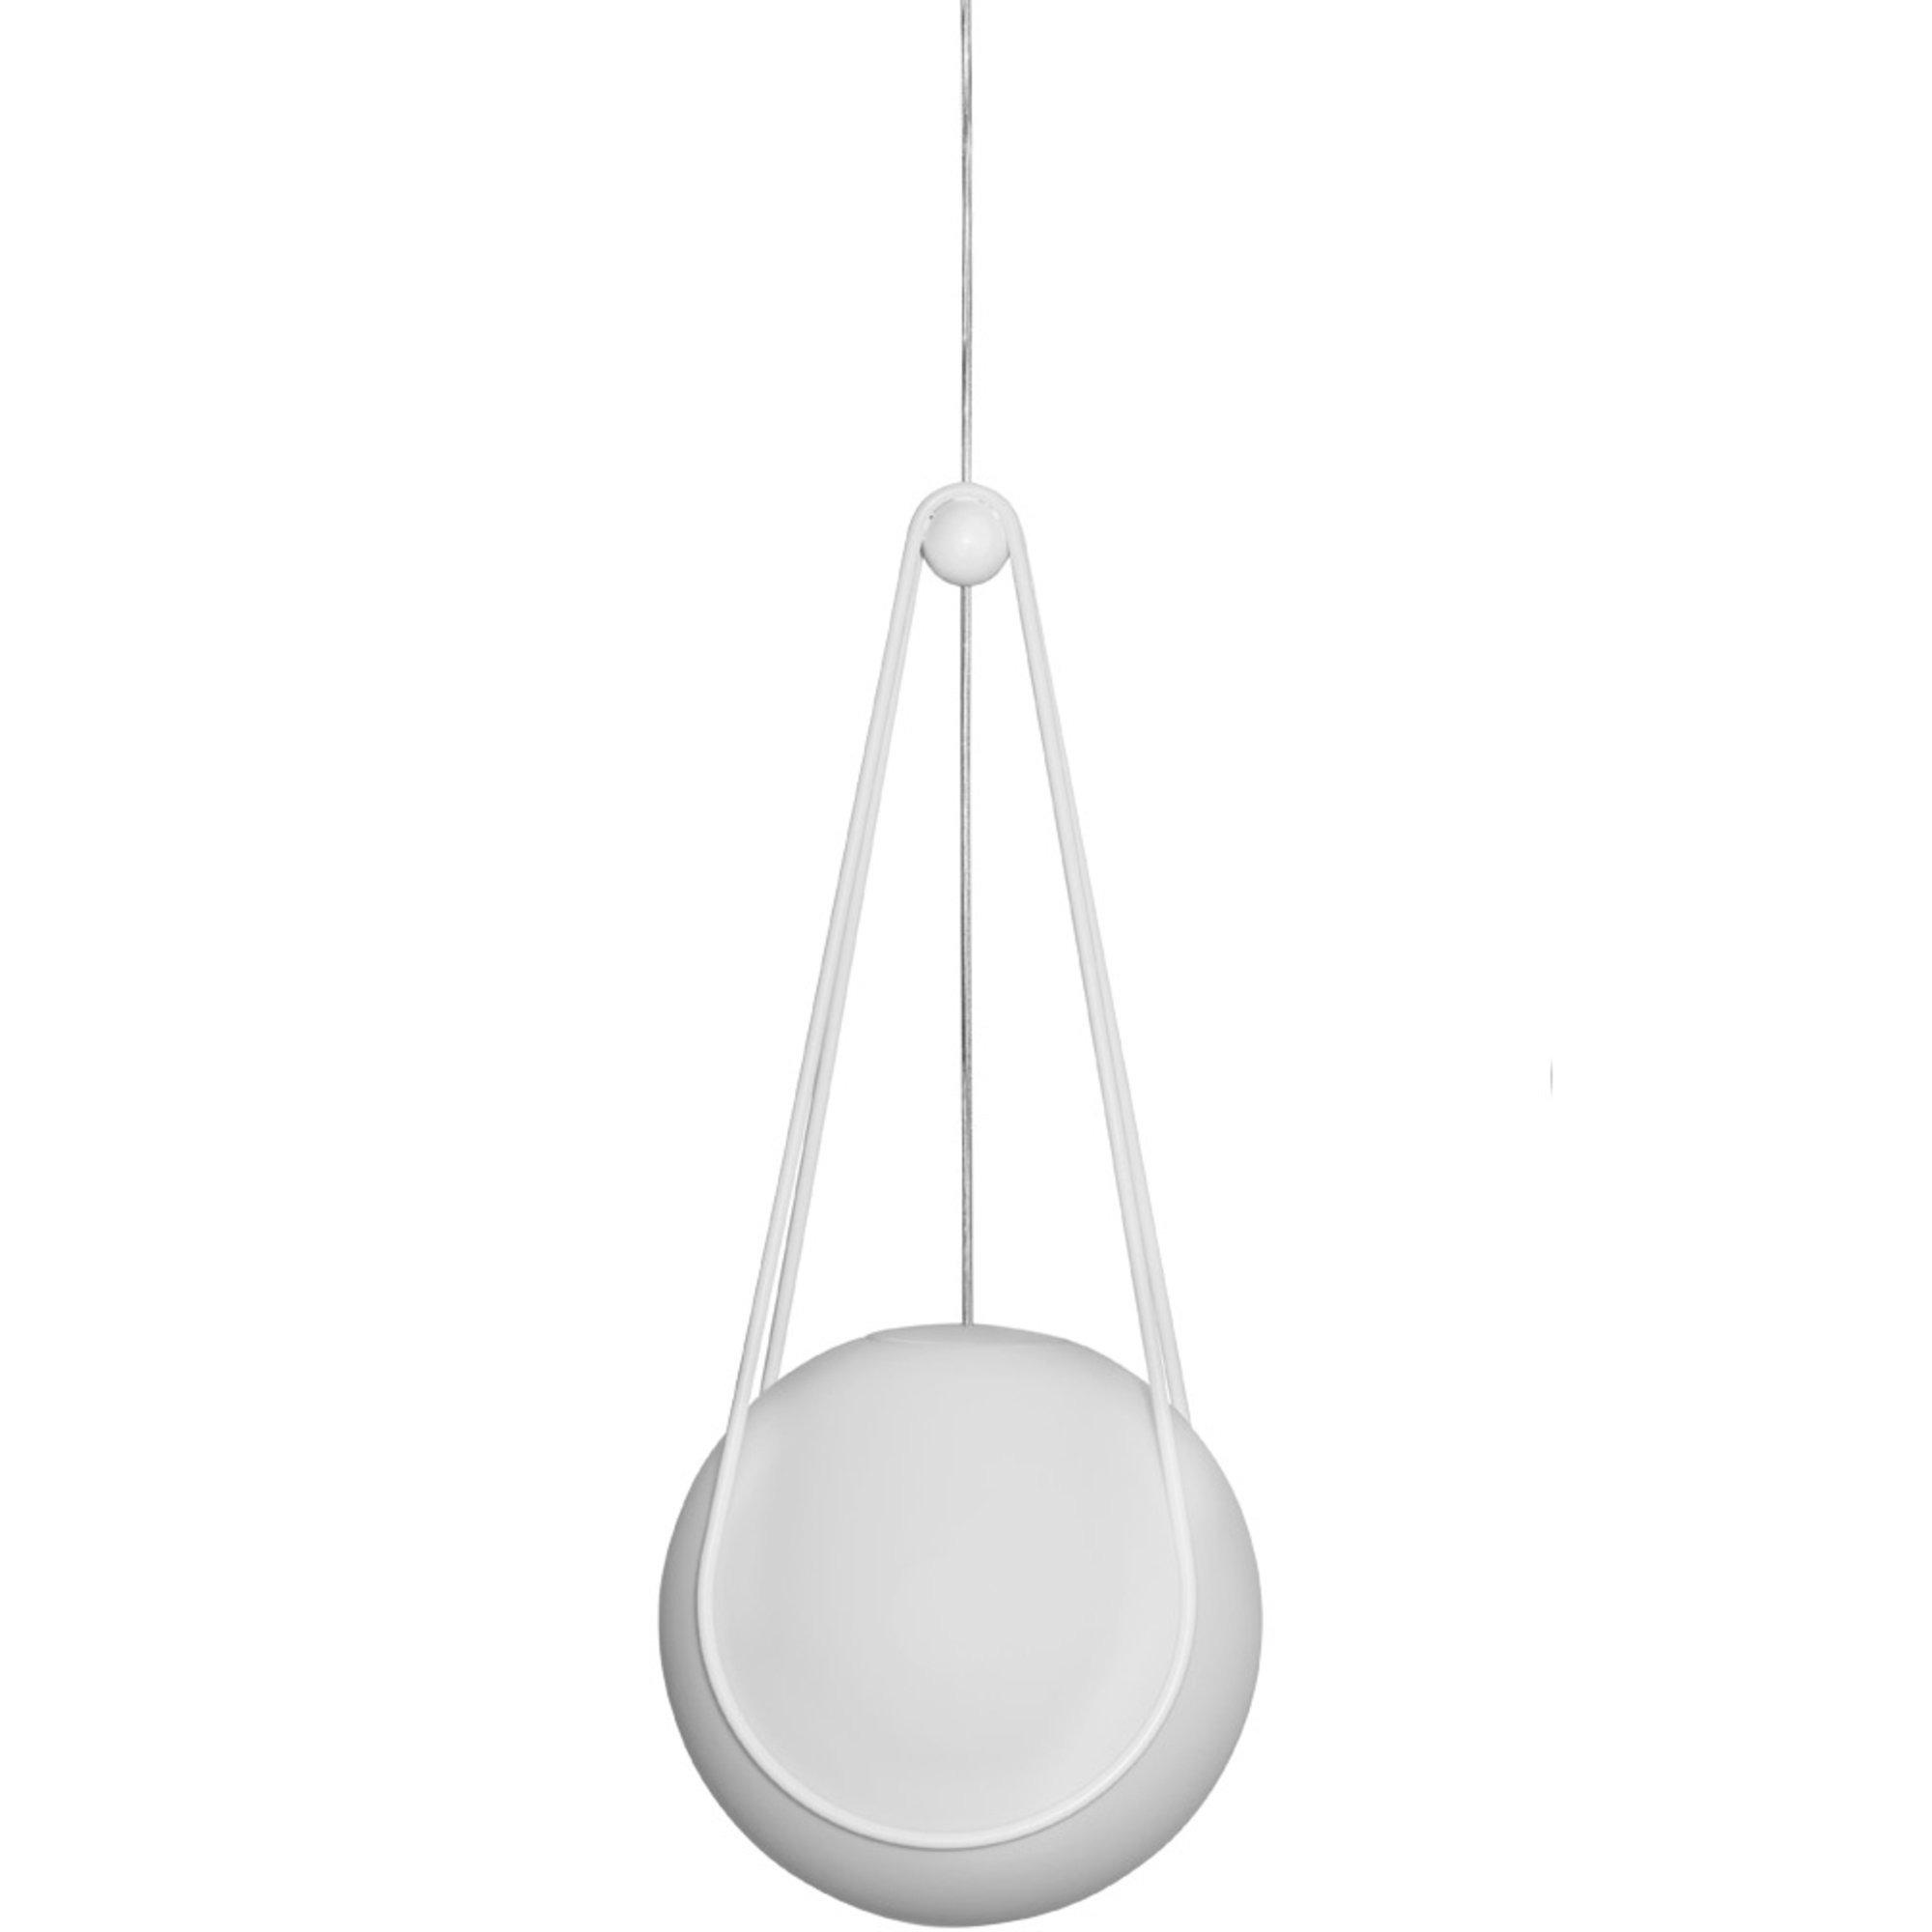 Design House Stockholm Kosmos hållare för Luna Lampa Vit 30cm